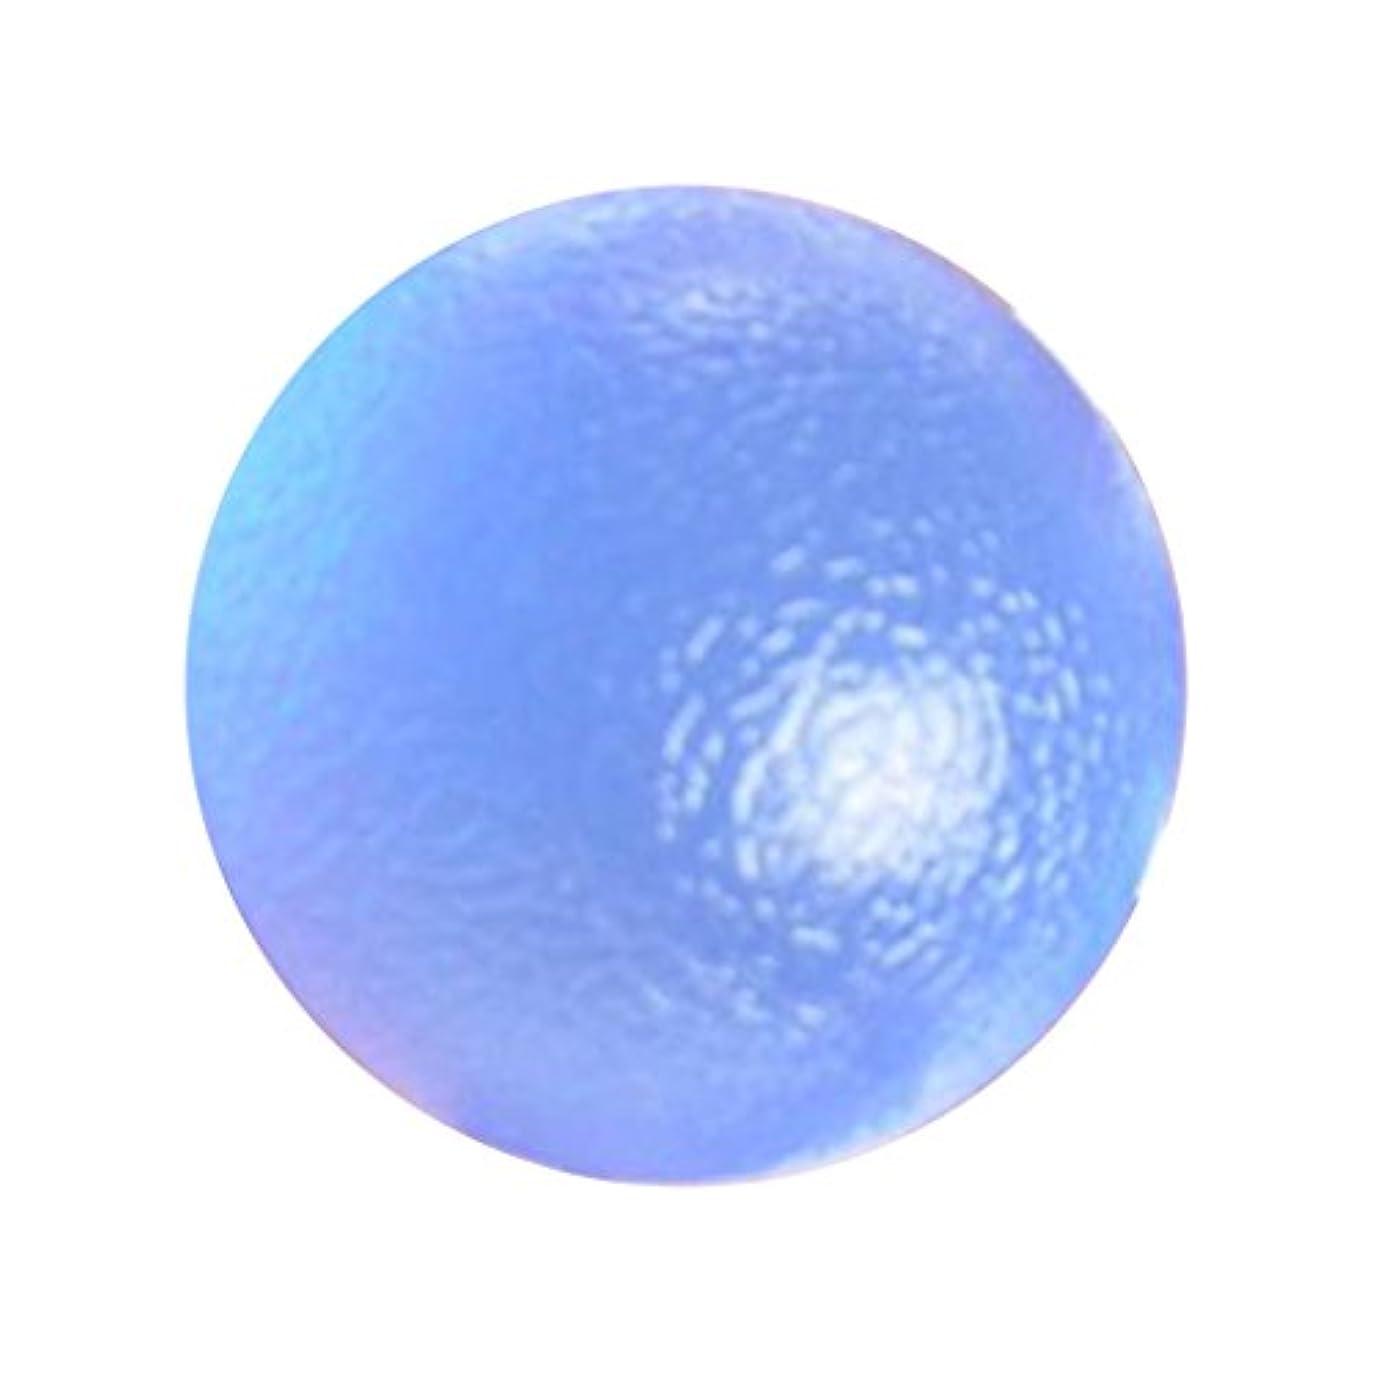 人気のお気に入りスタンドBaoblaze グリップボール マッサージ ボール エクササイザ ポケットサイズ TPR 運動 便利 3タイプ選べ - ブルーハード